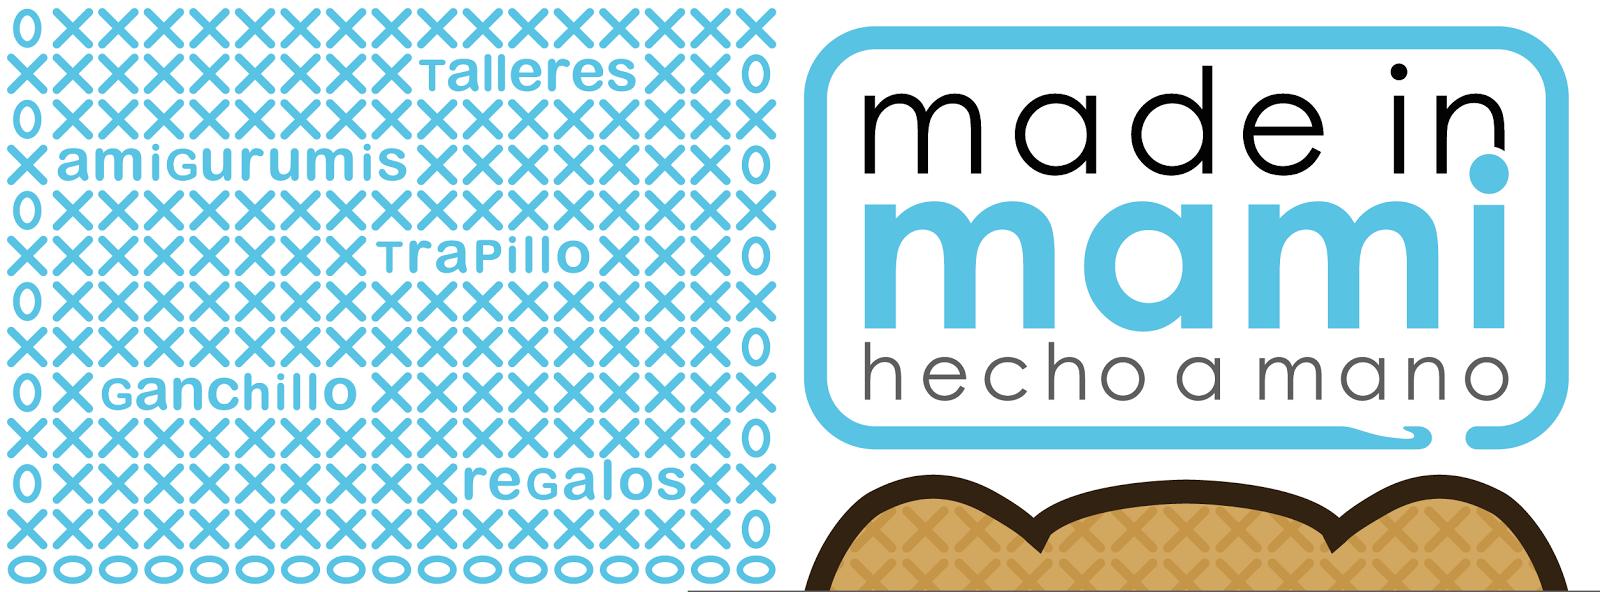 MadeinMami.com